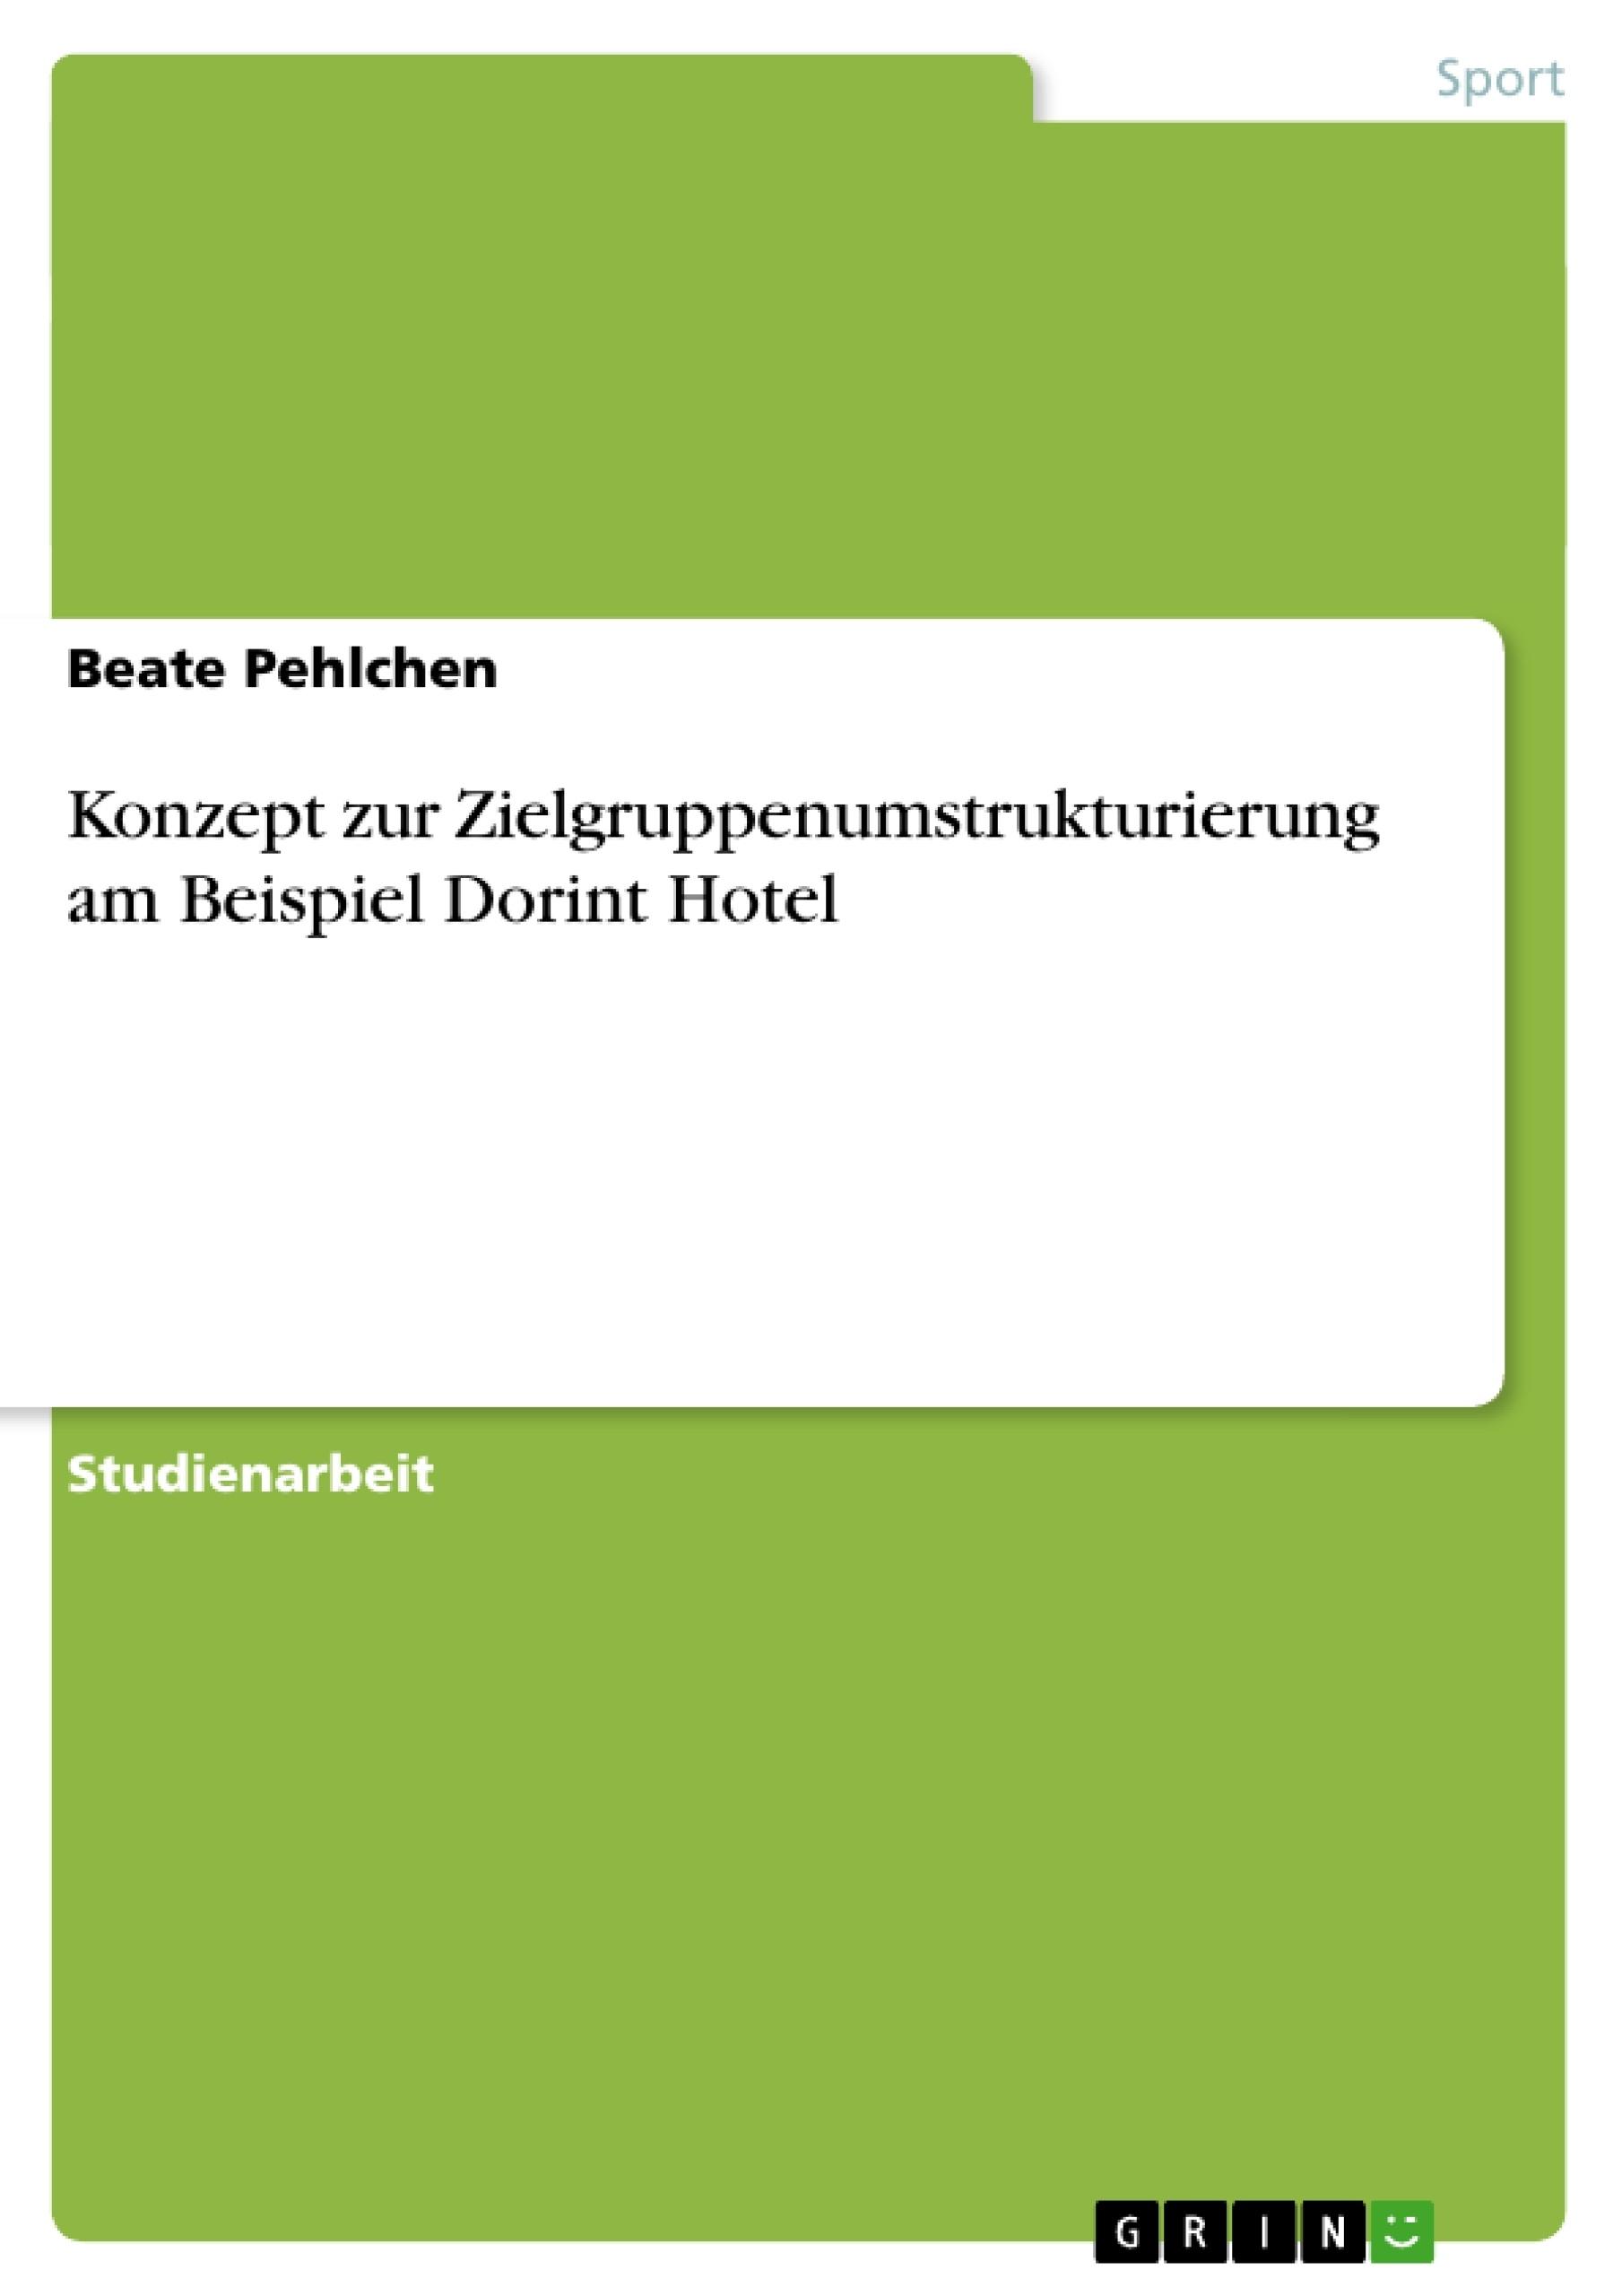 Titel: Konzept zur Zielgruppenumstrukturierung am Beispiel Dorint Hotel